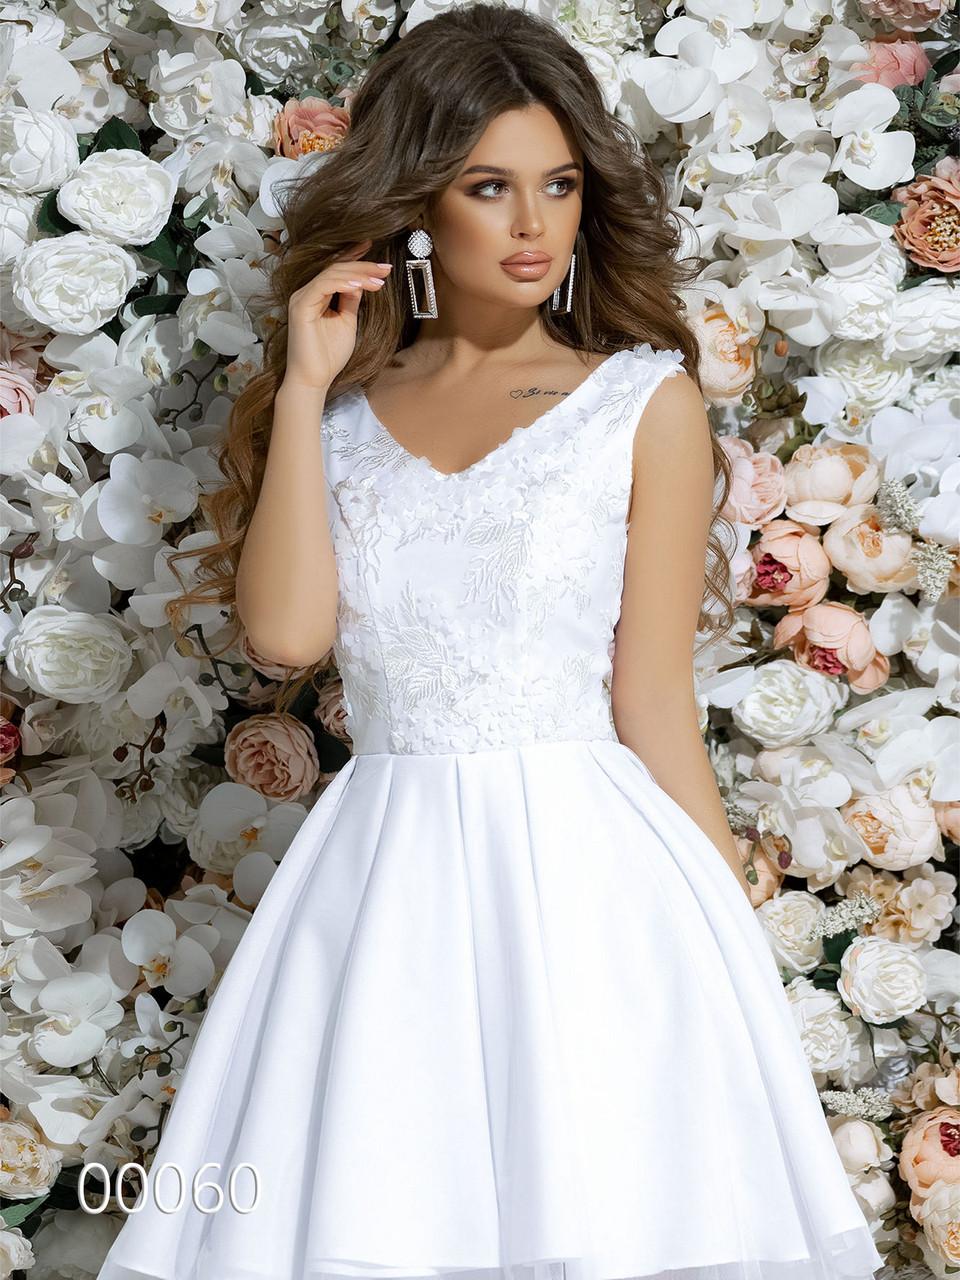 Короткое платье с небольшим шлейфом, 00060 (Белый), Размер 42 (S)